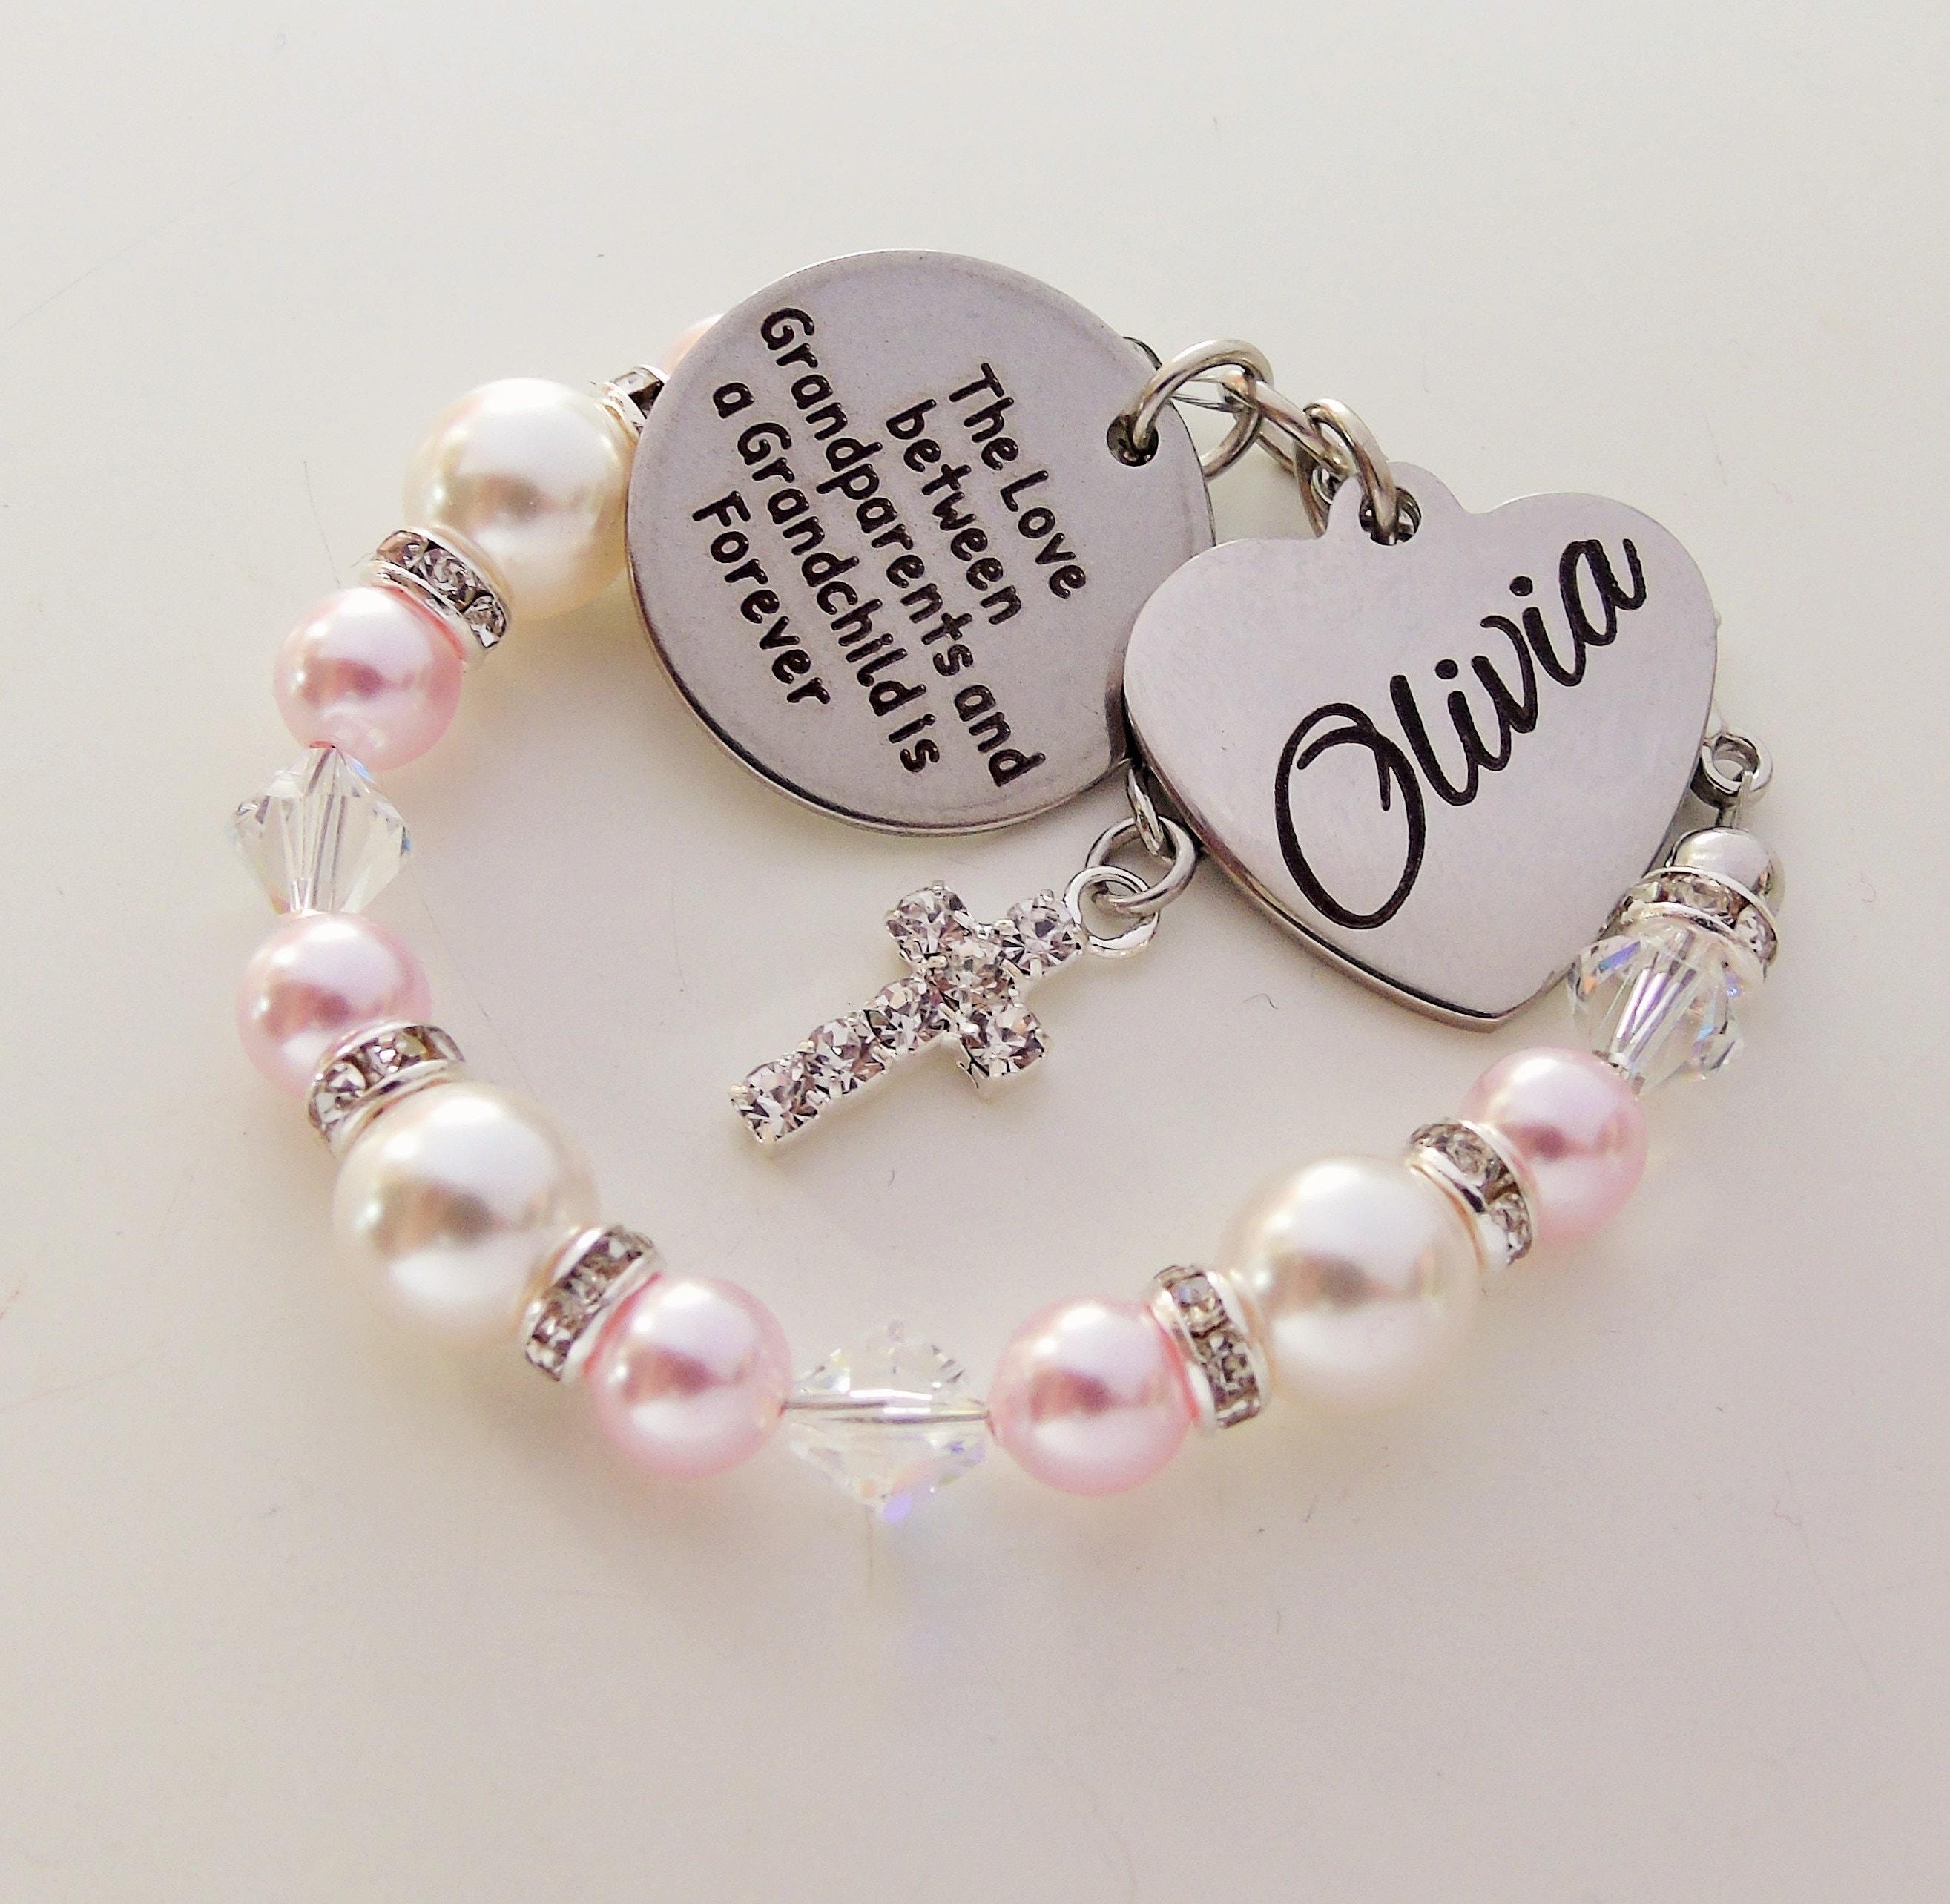 Granddaughter Gift Bracelet For